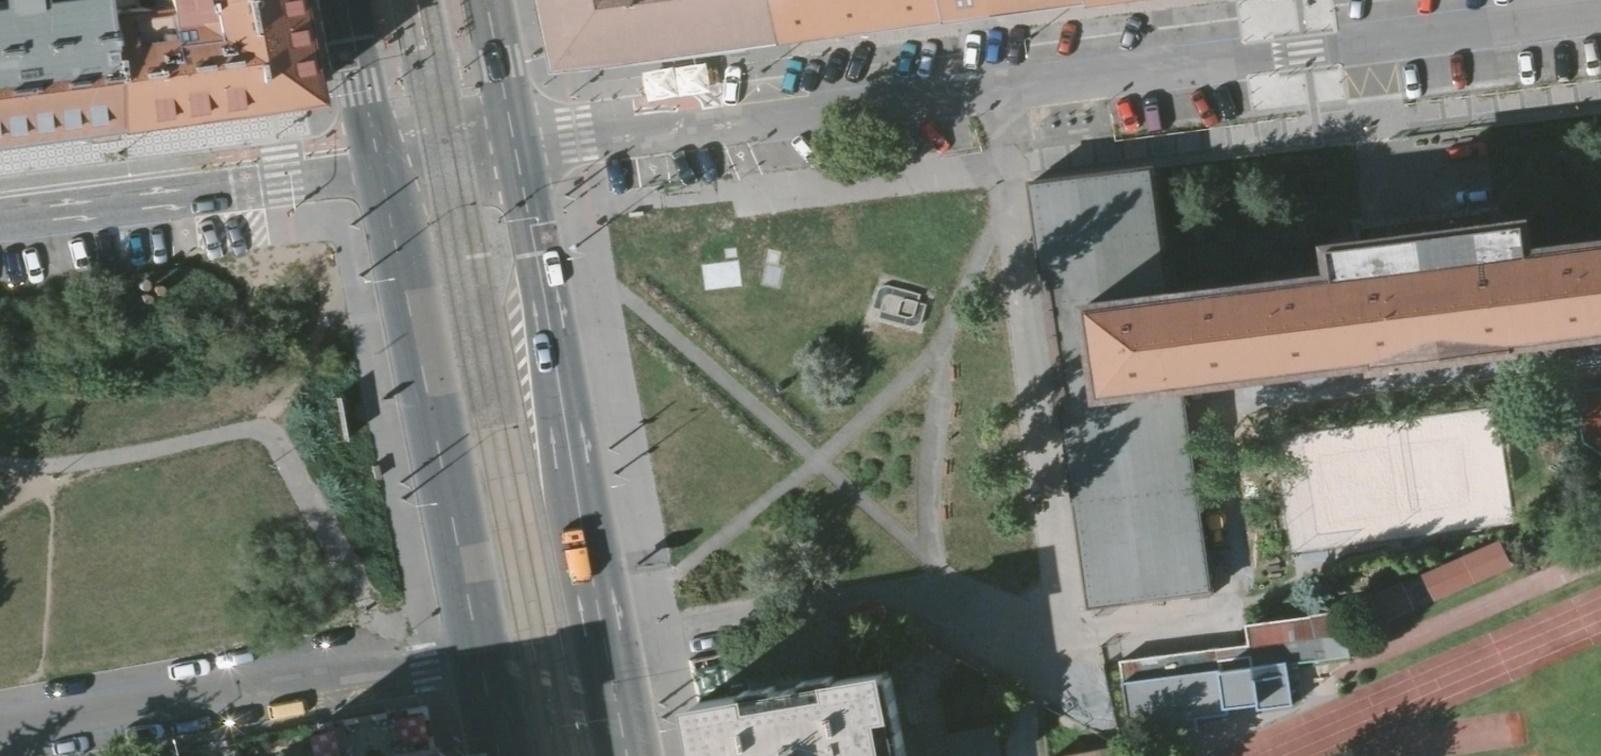 Podívejte se na území, kterého se dotazník týká: http://bit.do/uzemi-jeseniova